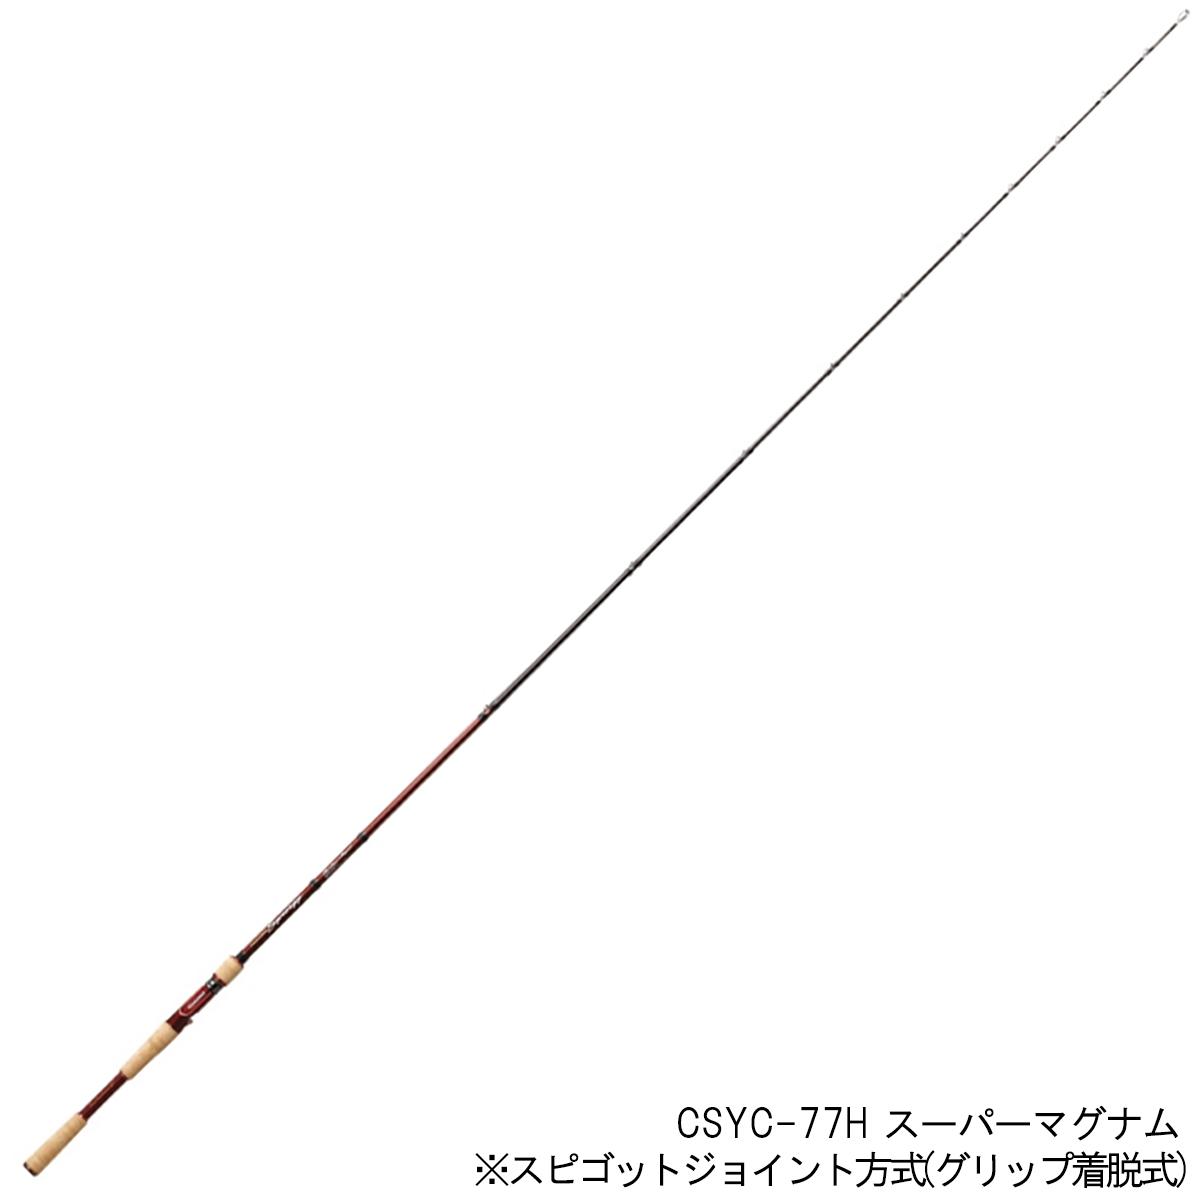 エバーグリーン(EVERGREEN) シナジー CSYC-77H スーパーマグナム【大型商品】(東日本店)